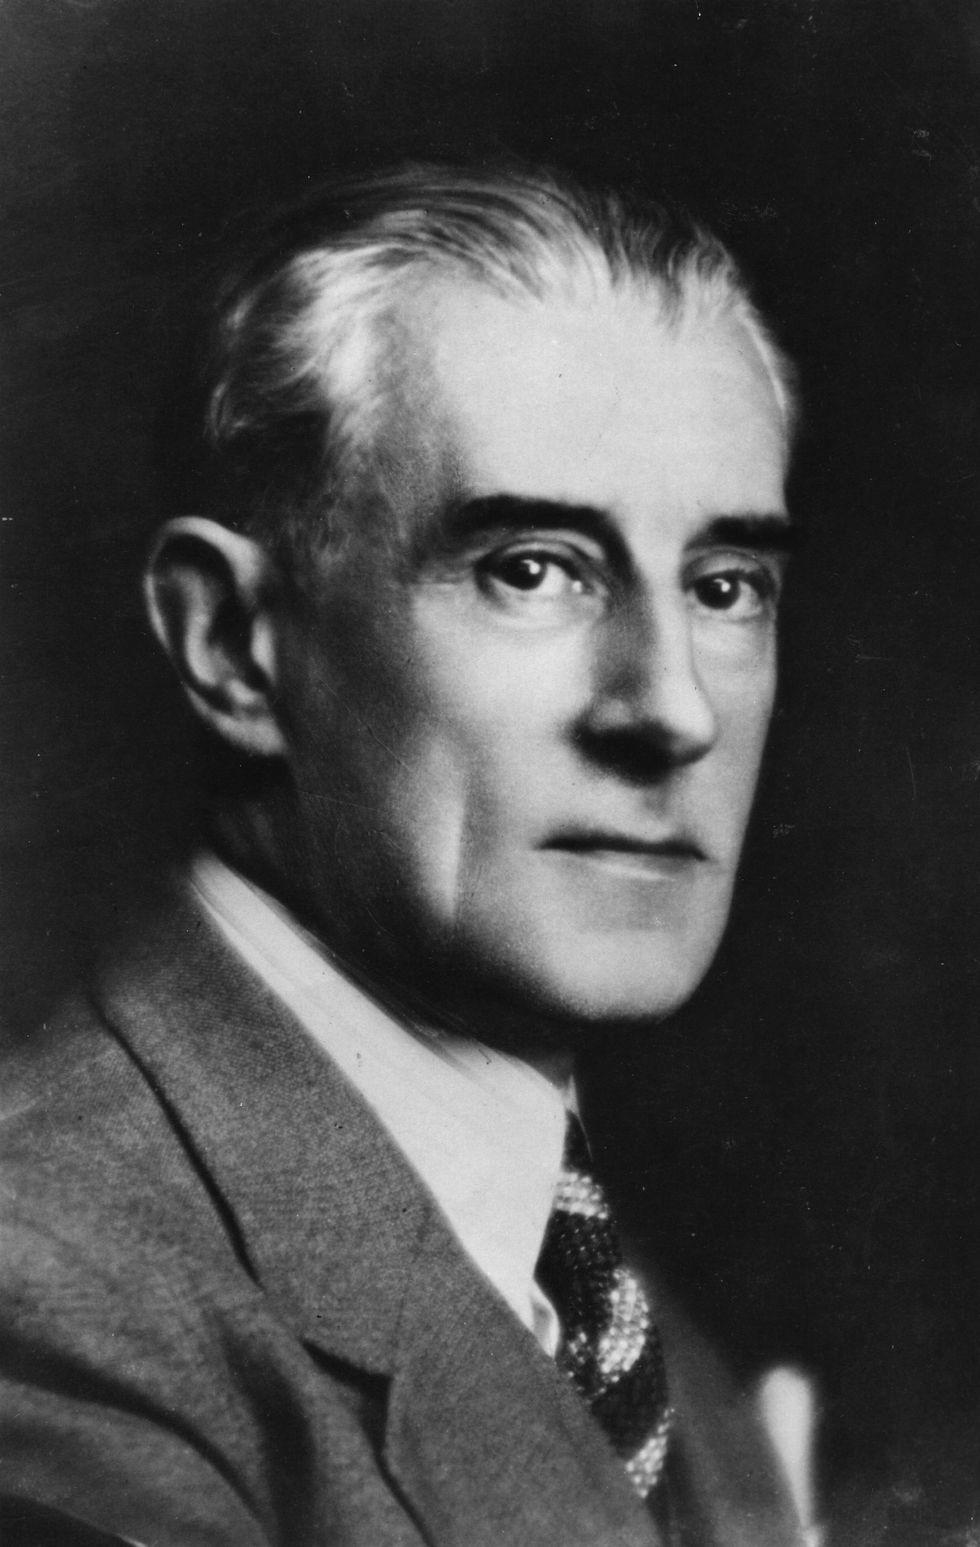 Gaspard de la nuit di Ravel: il capolavoro pianistico del Novecento